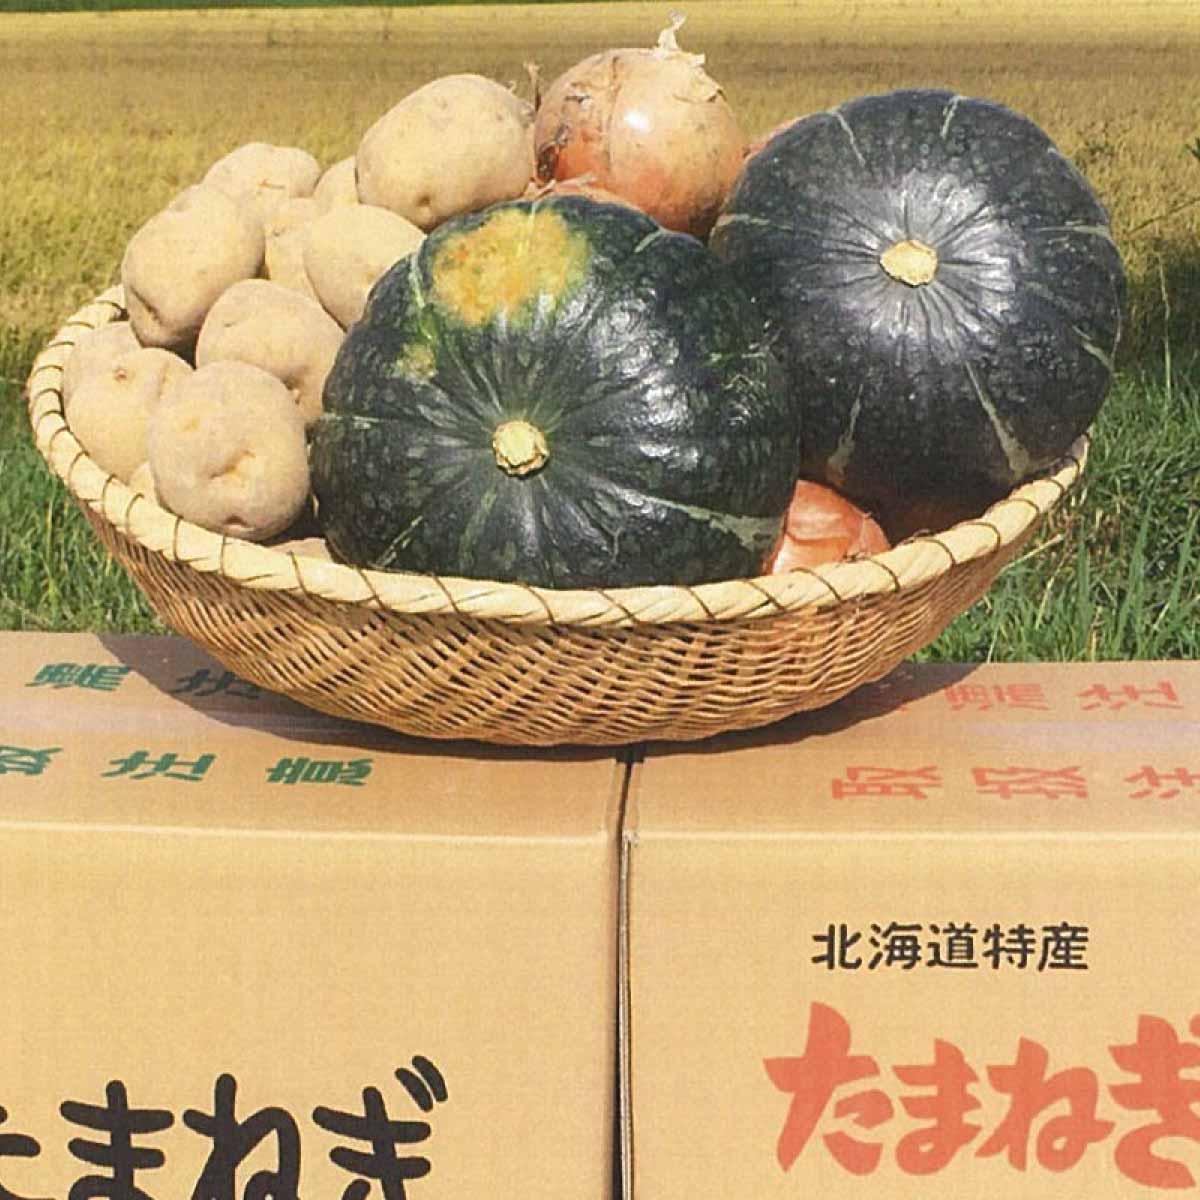 【ふるさと納税】A111 野菜詰め合わせ【じゃがいも5kg、玉ねぎ3.5kg、かぼちゃ1玉(2〜2.5kg)】